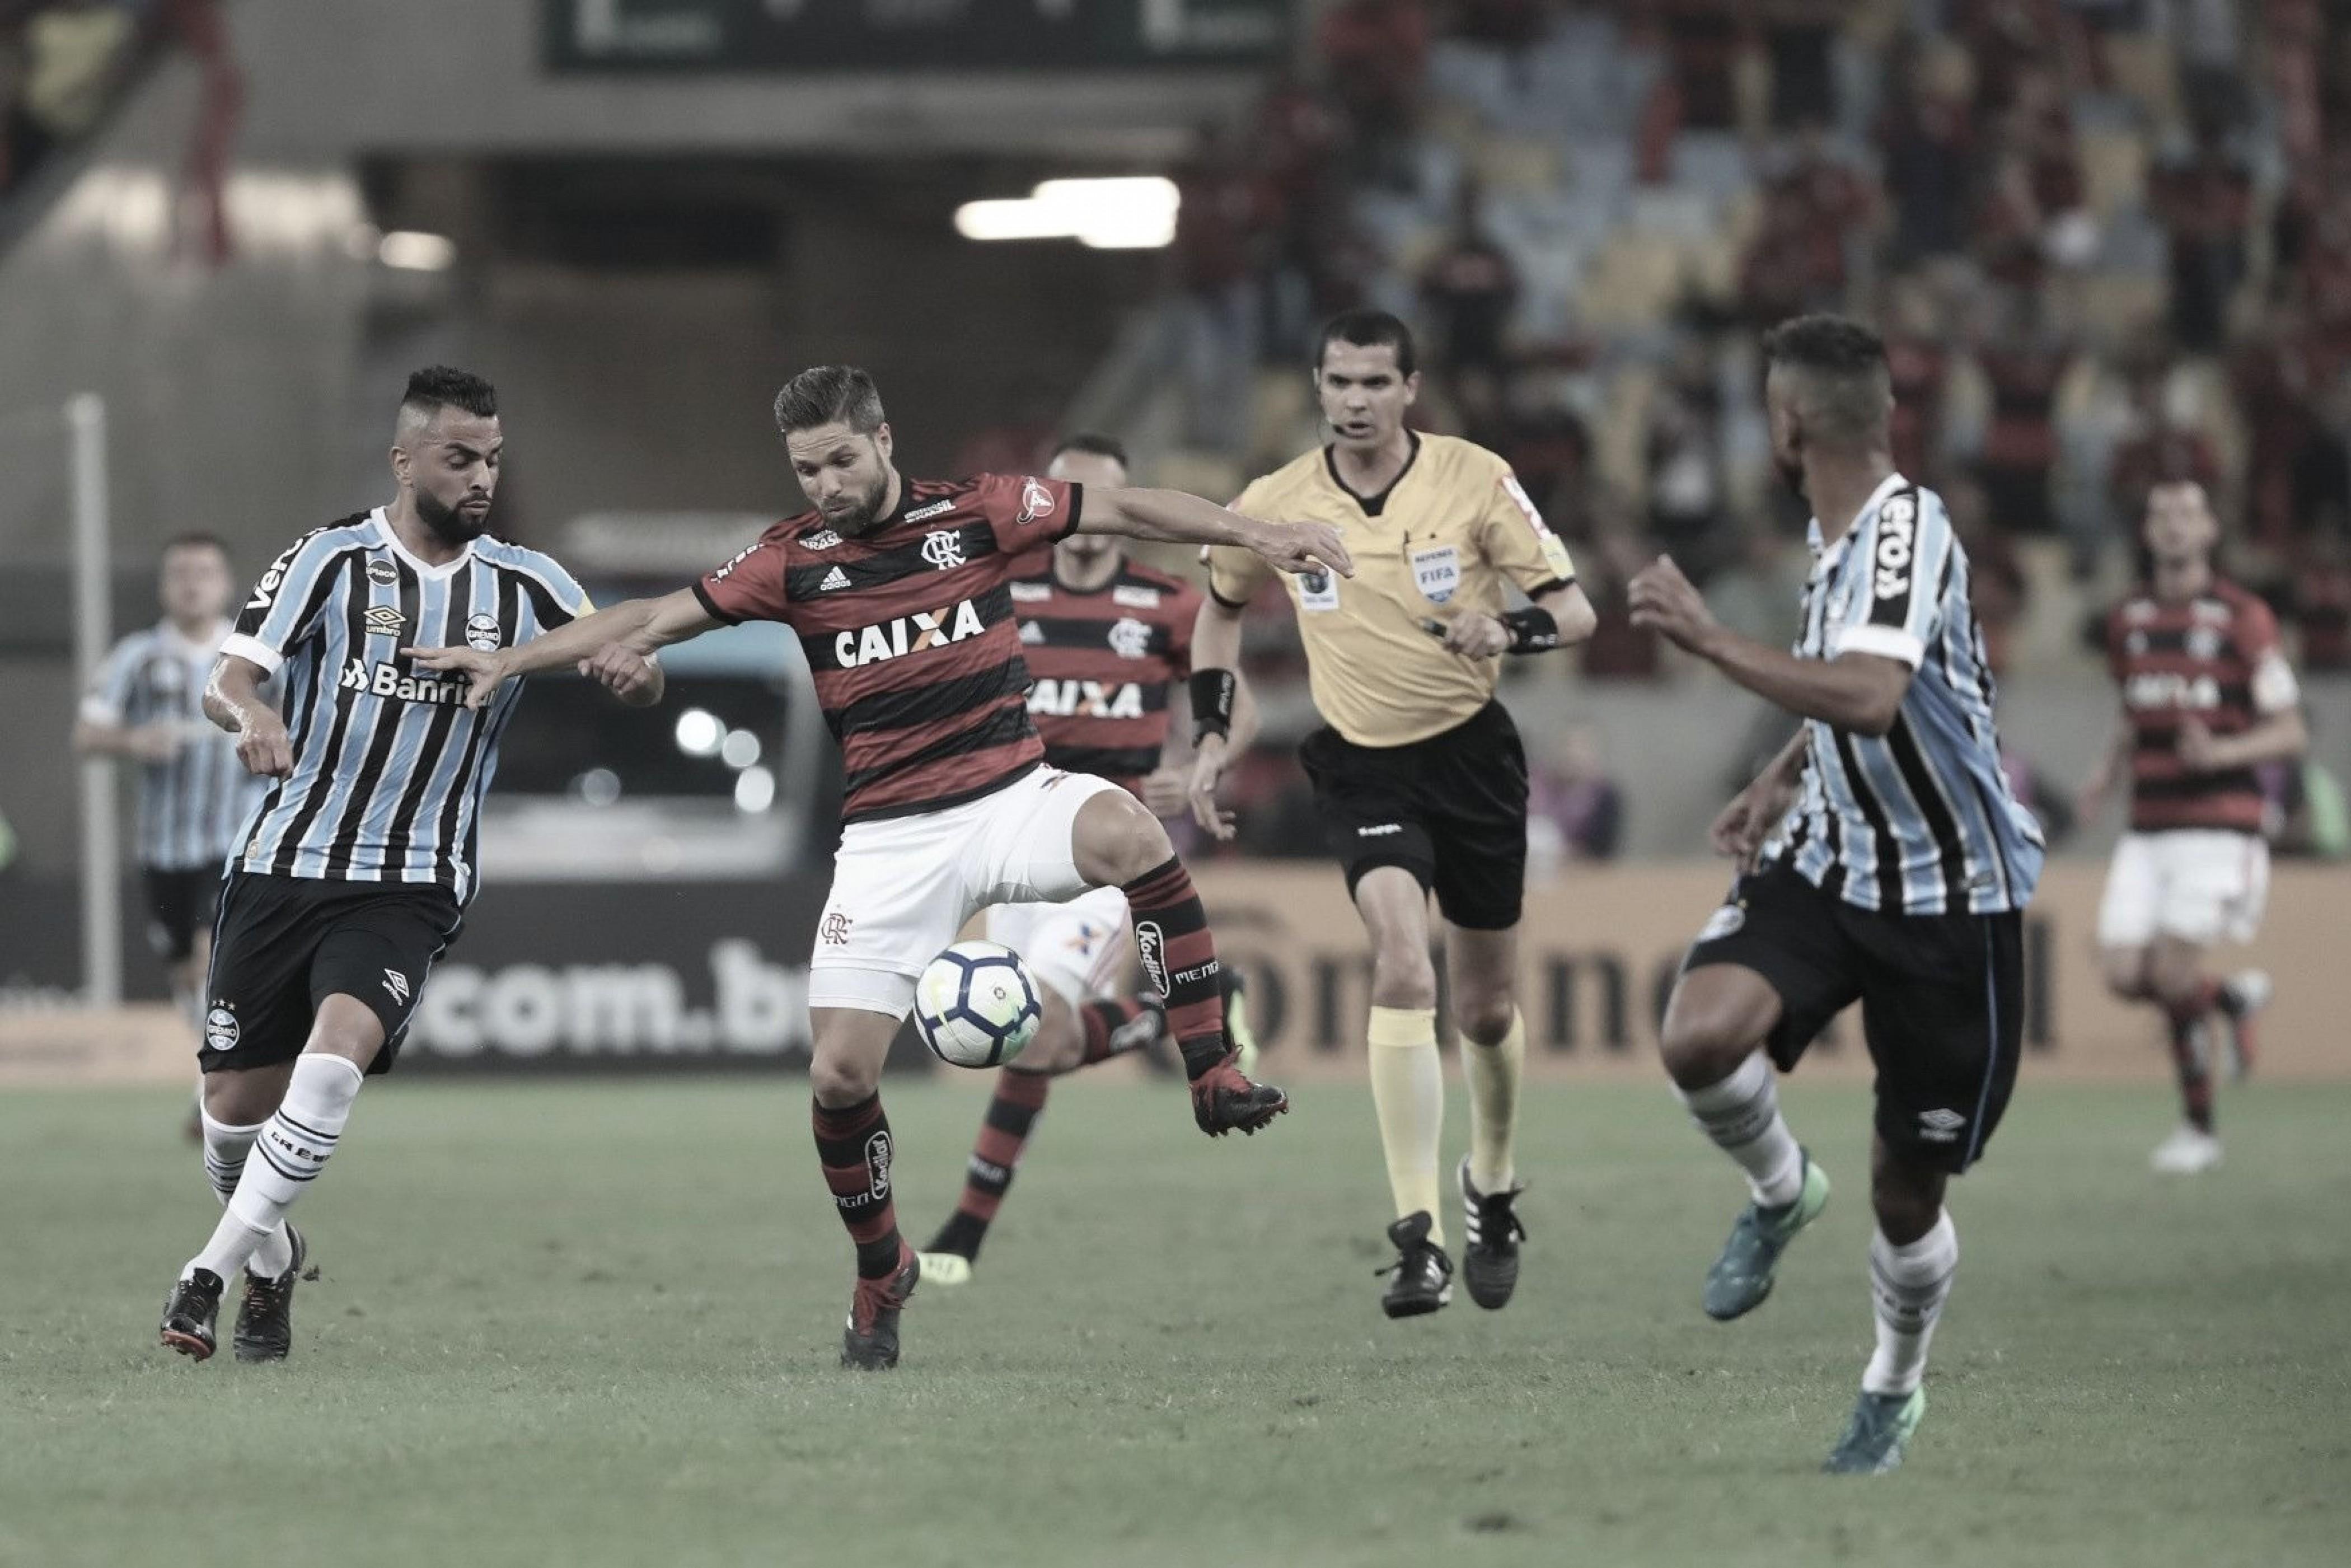 Sorteado para jogo da volta, Ricardo Marques é quem mais apita jogos do Flamengo em 2018